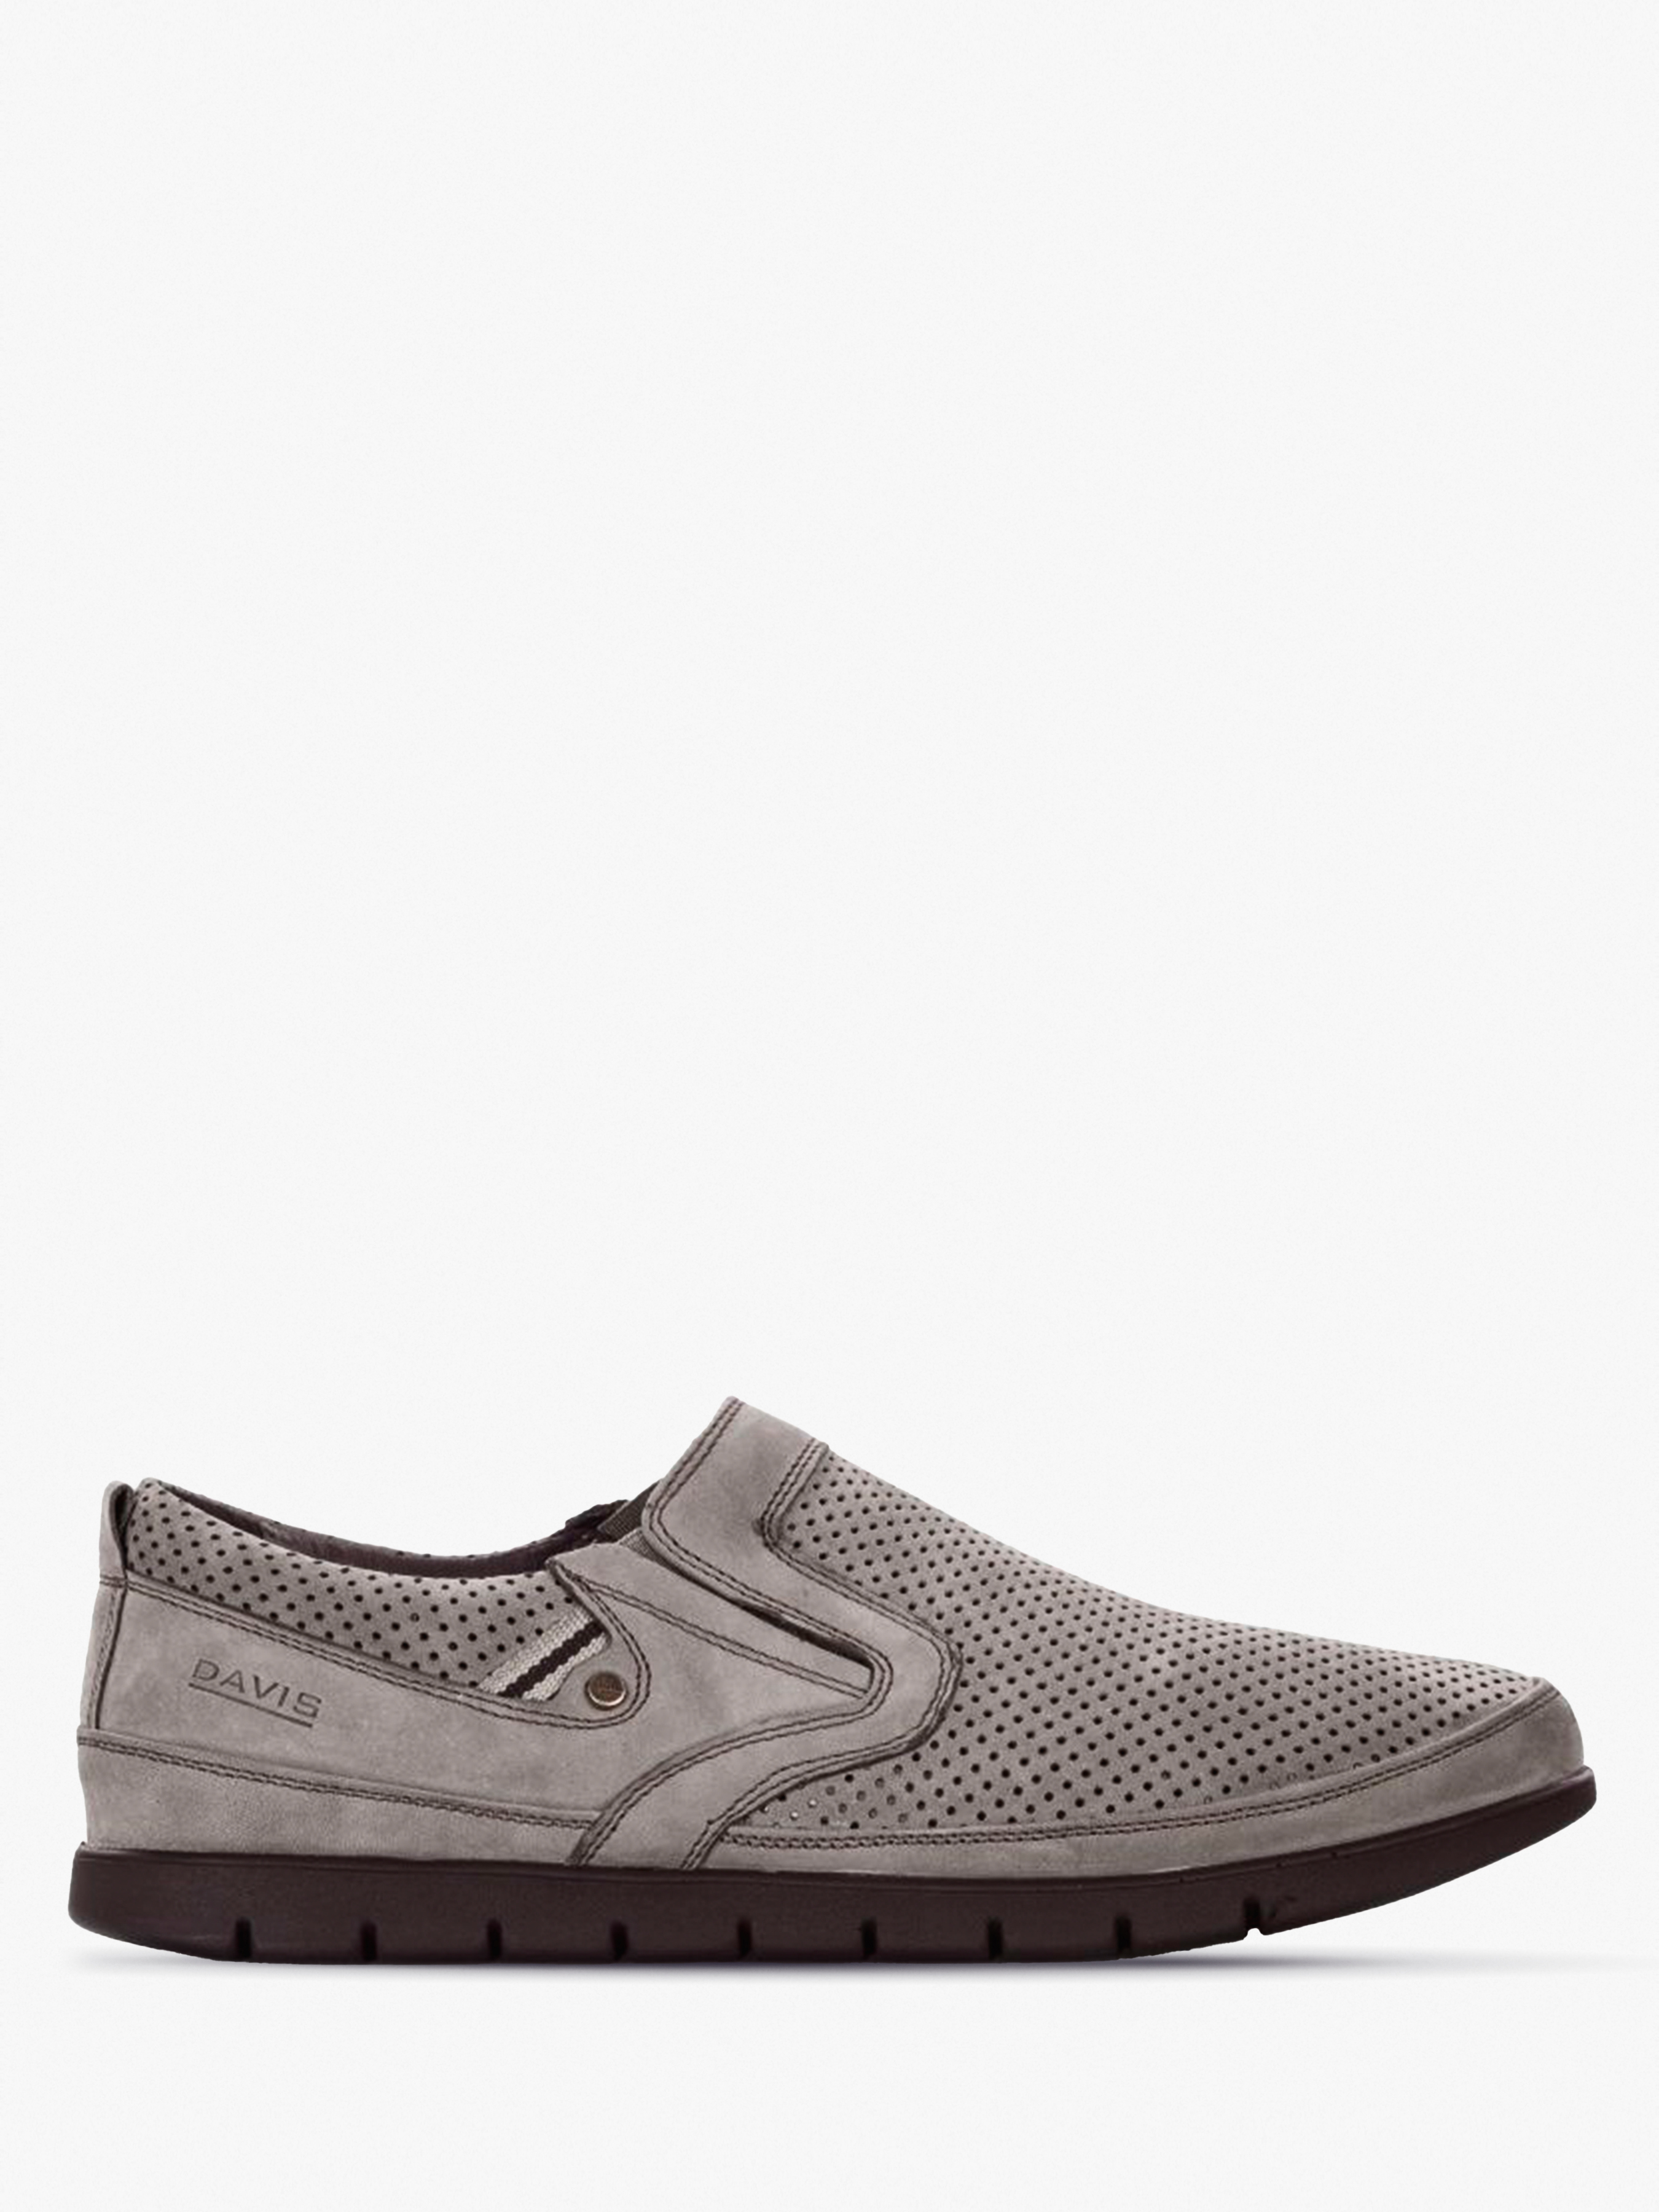 Полуботинки для мужчин Davis dynamic shoes 9O58 смотреть, 2017